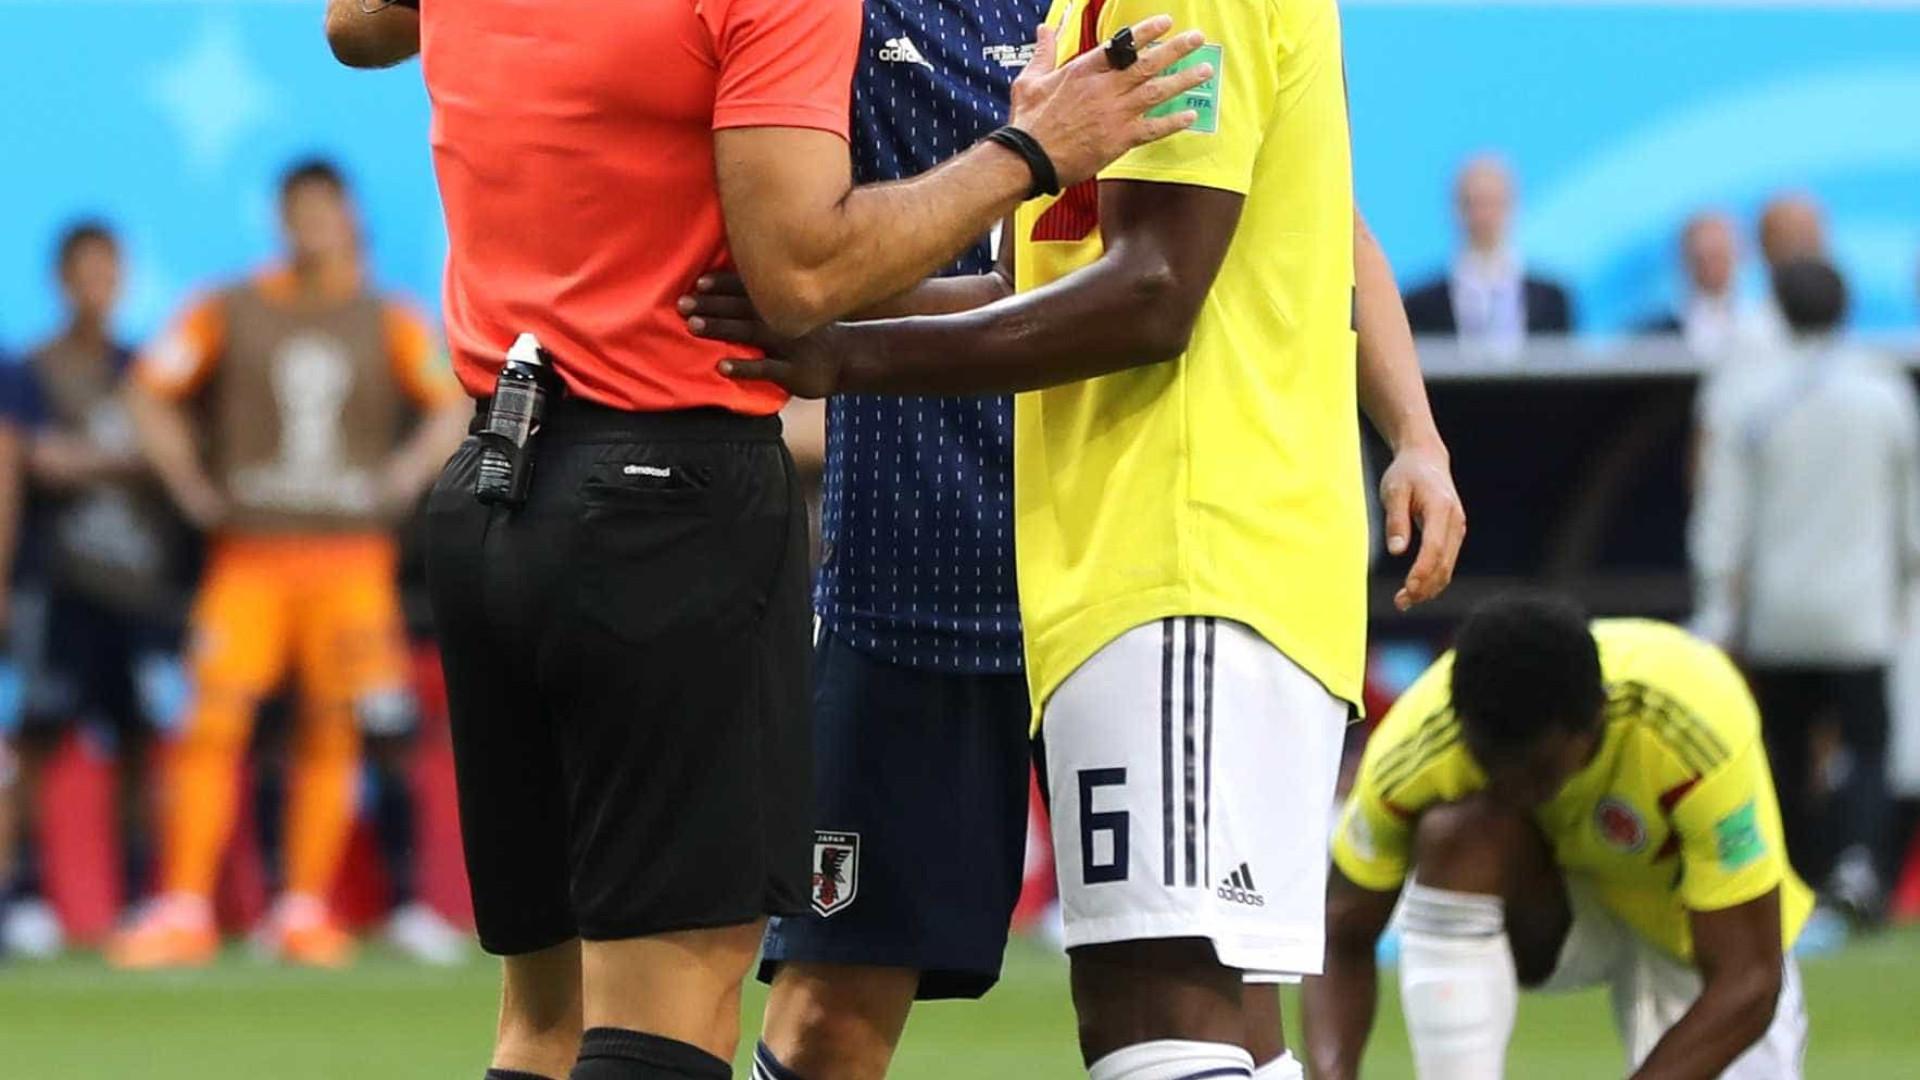 Jogador da Colômbia recebe ameaças após expulsão relâmpago na Copa